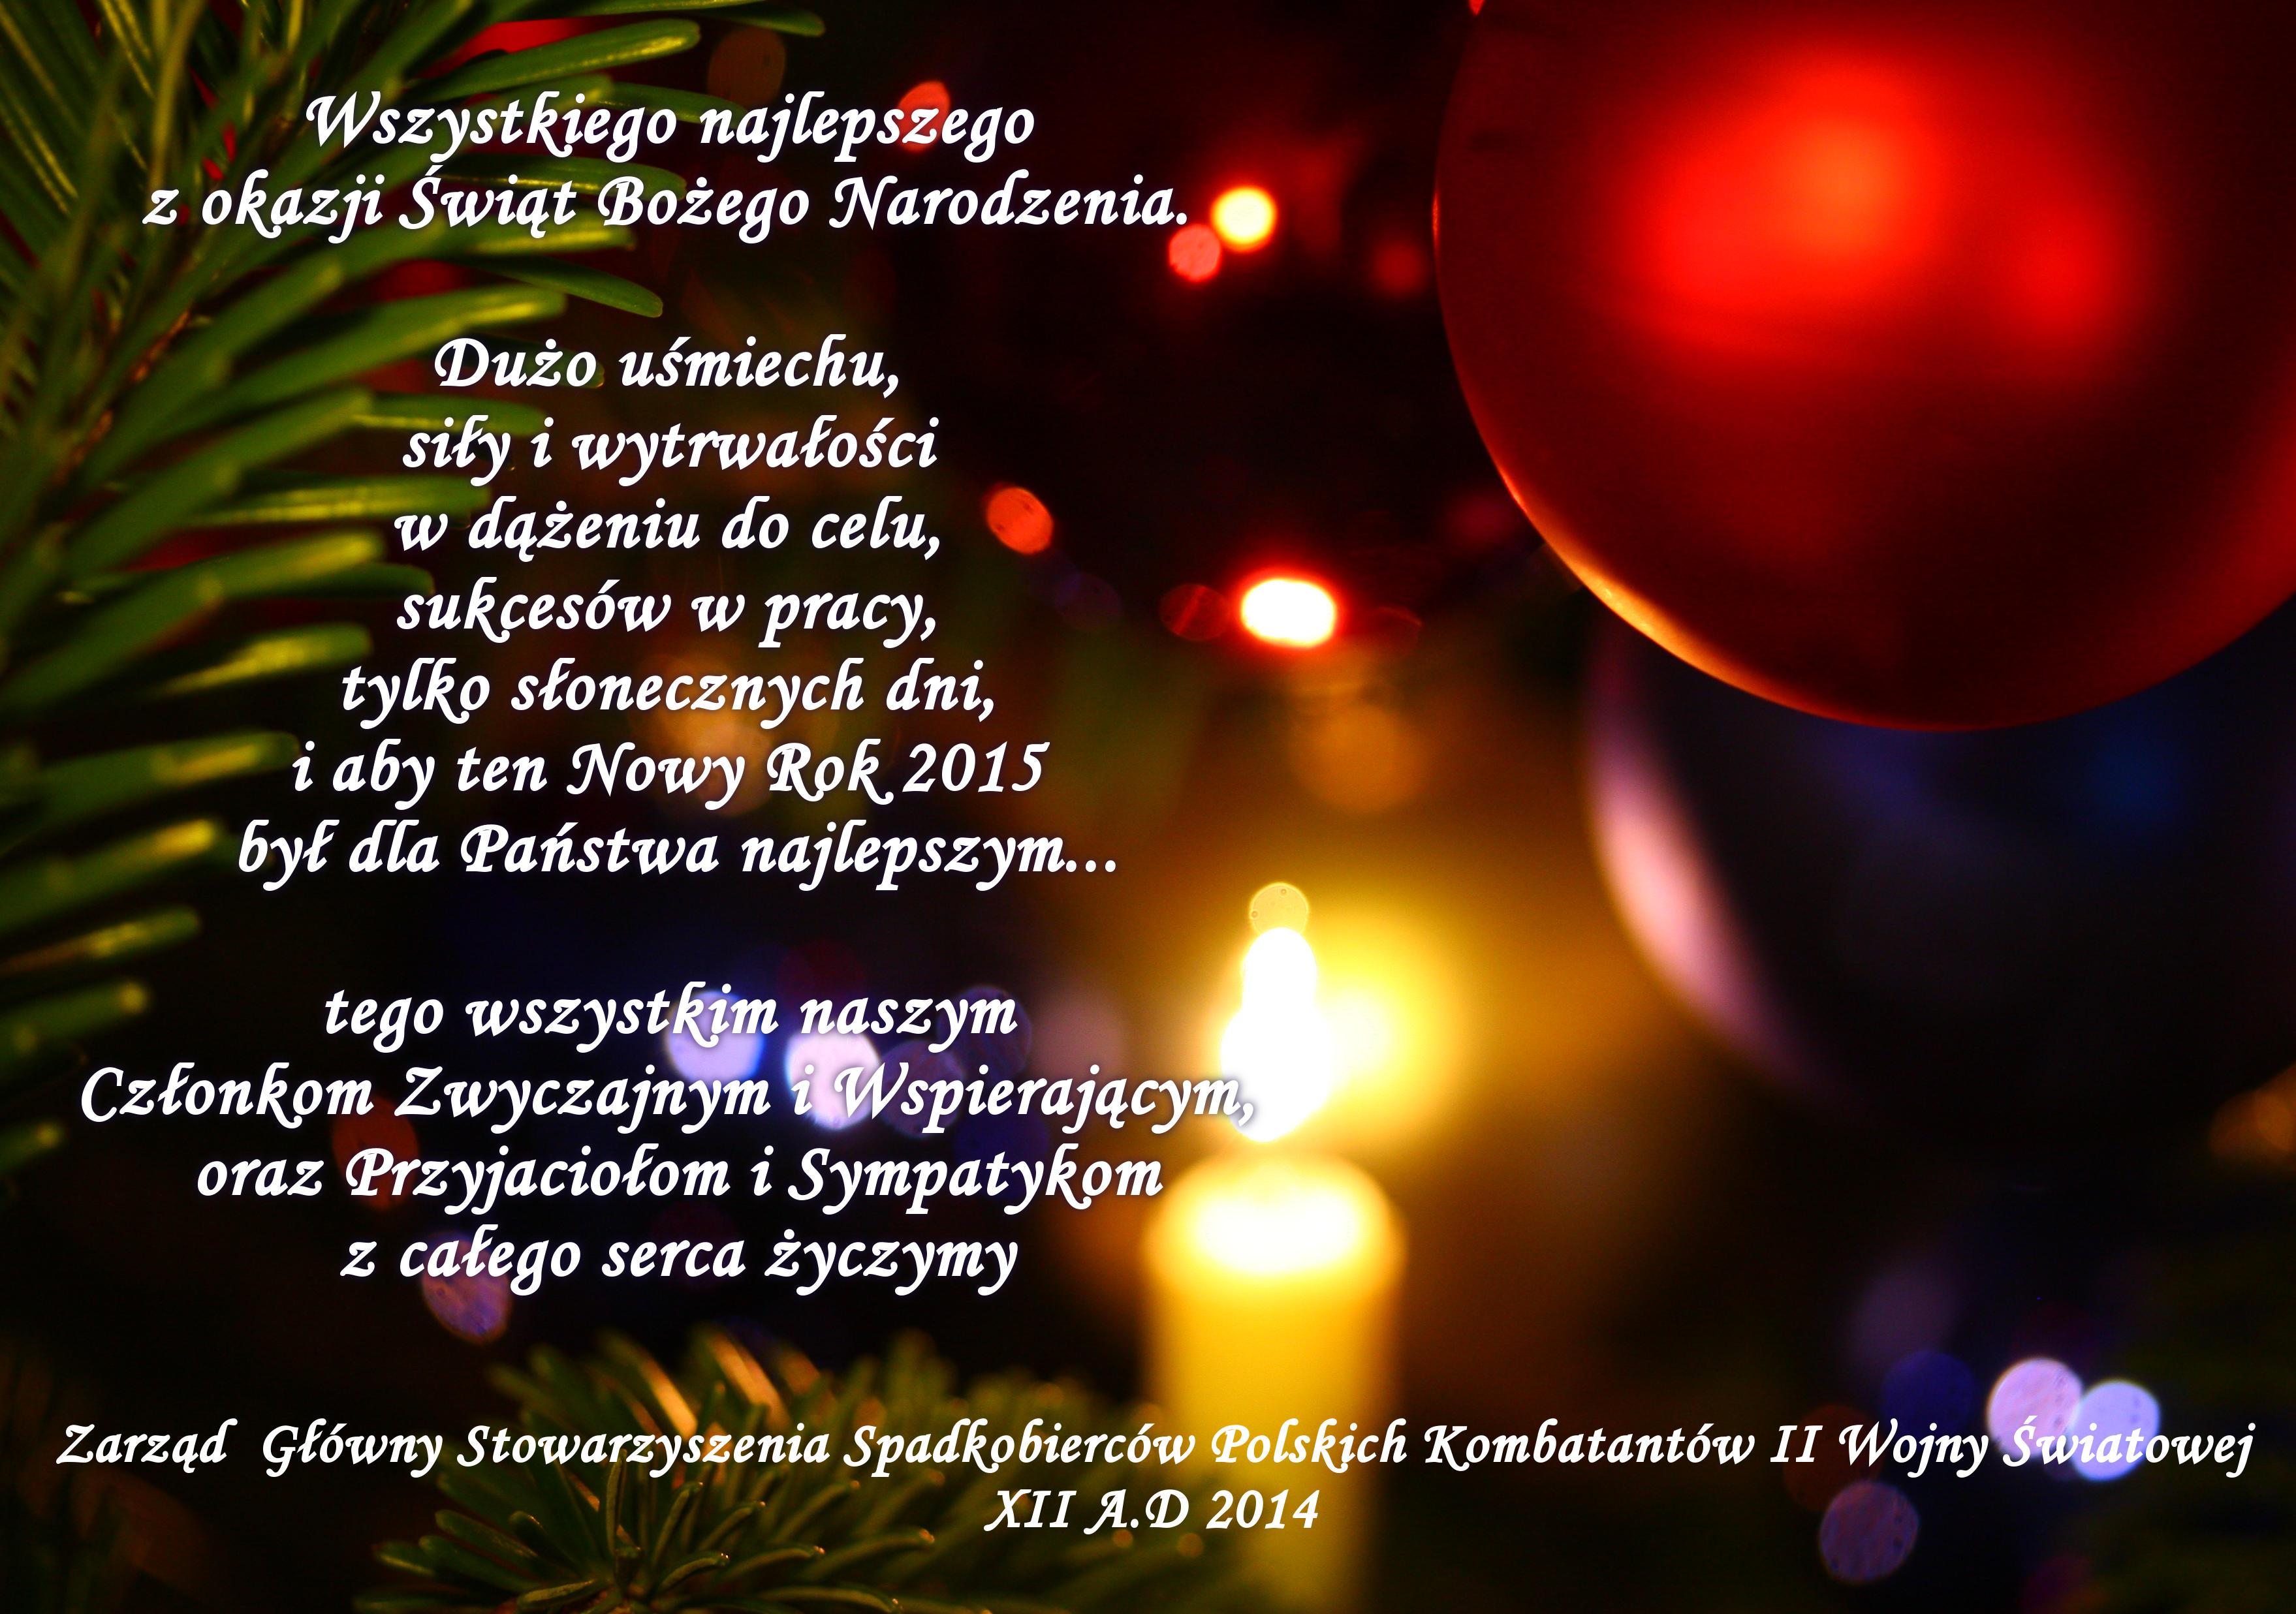 2014-2015-bozonarodzeniowe_zyczenia_sylwestrowe_stowarzyszenie_sspk2ws